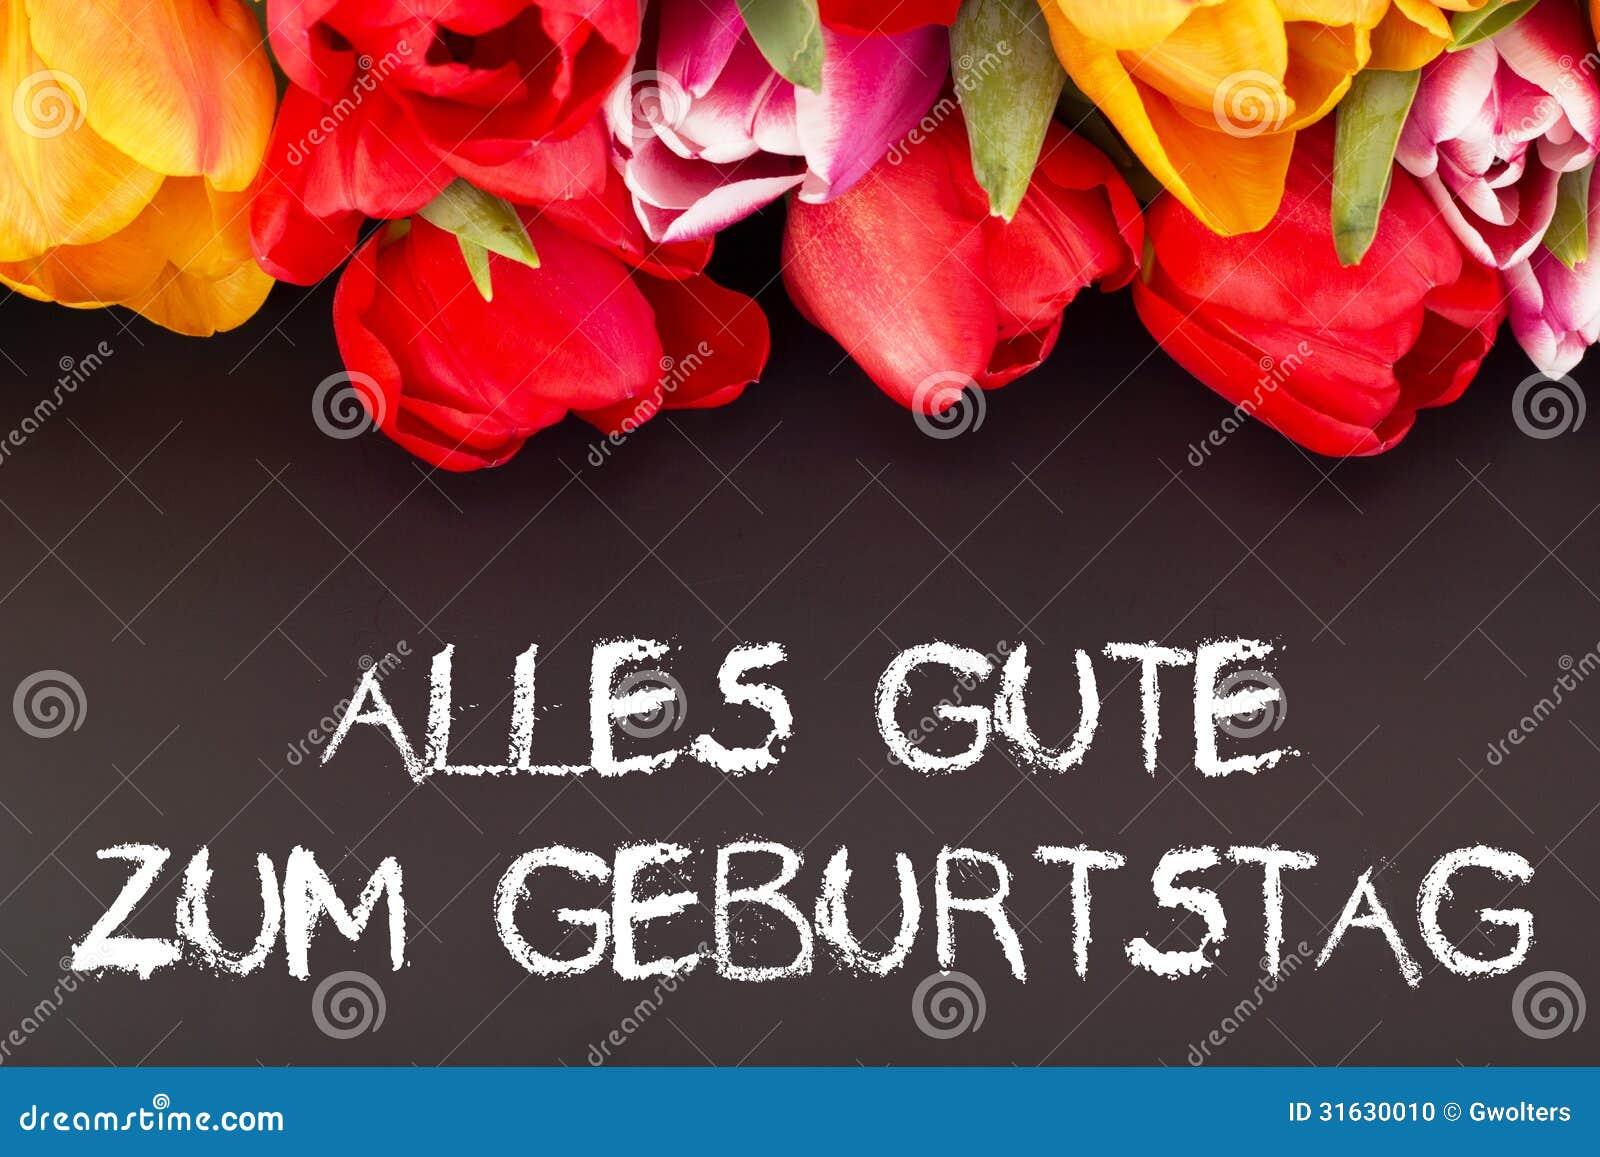 Убийцы мороз, открытка на день рождение по немецкий